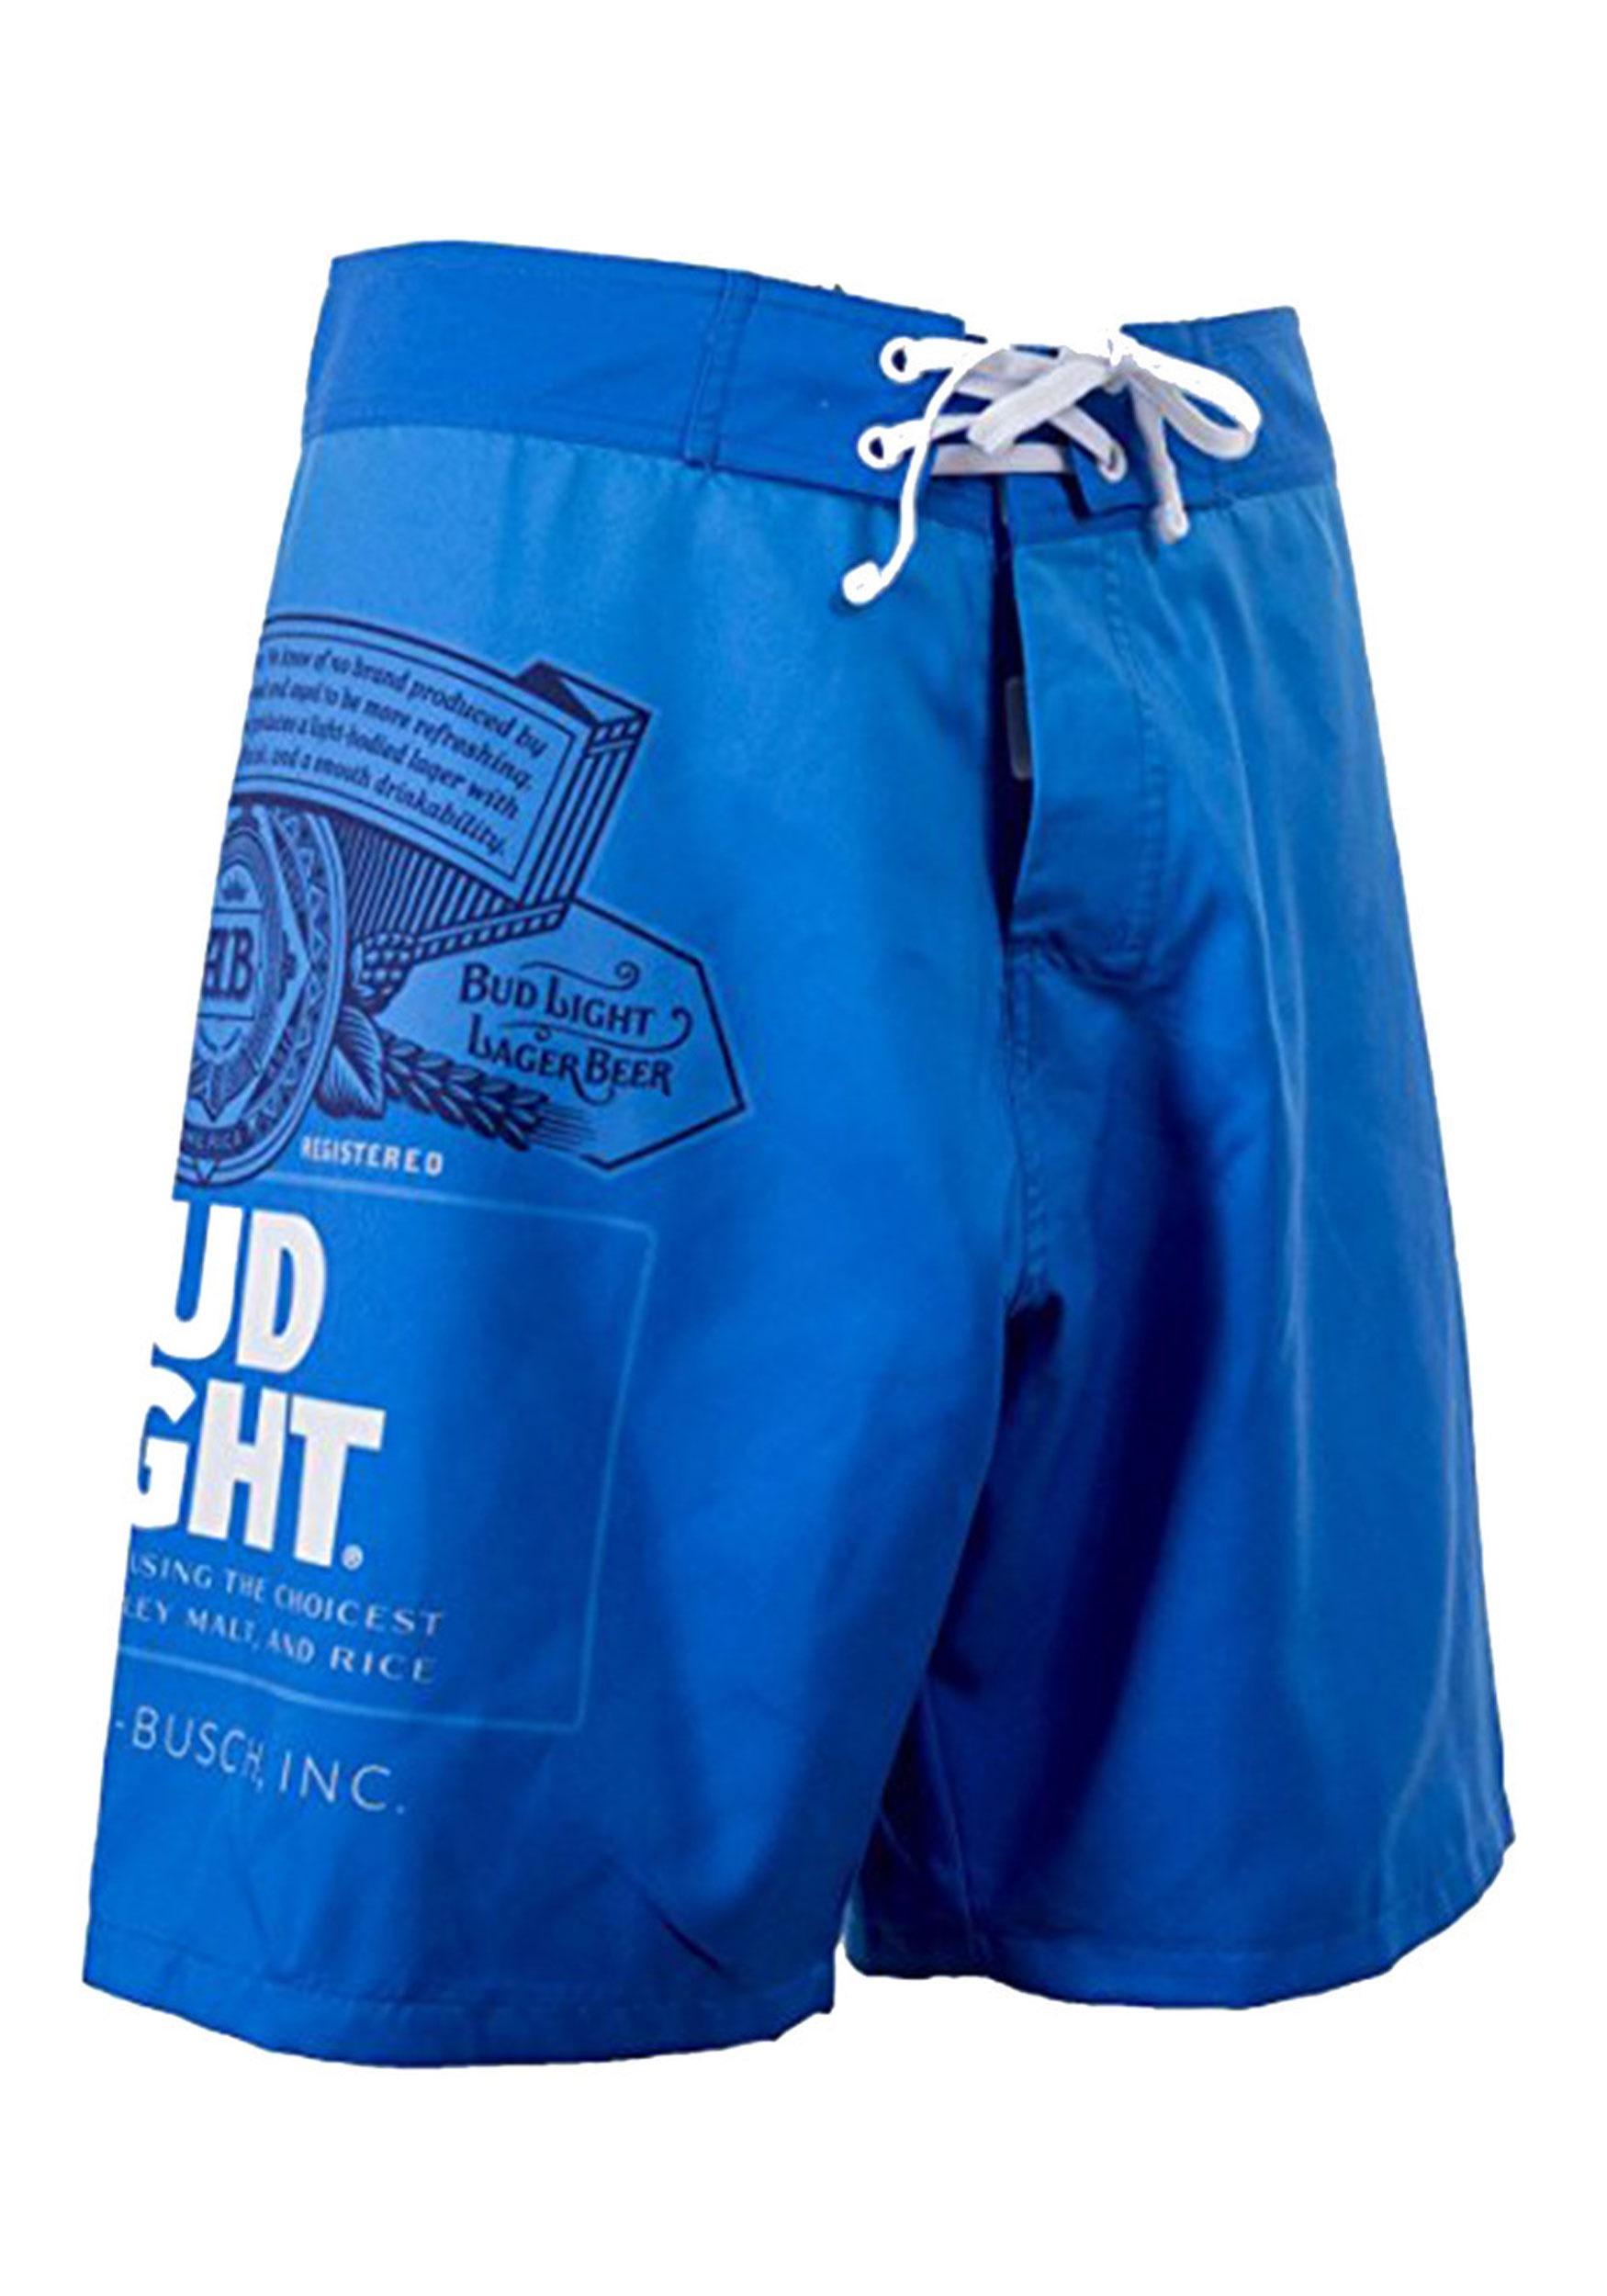 963757141f Bud Light Men's Swim Trunks